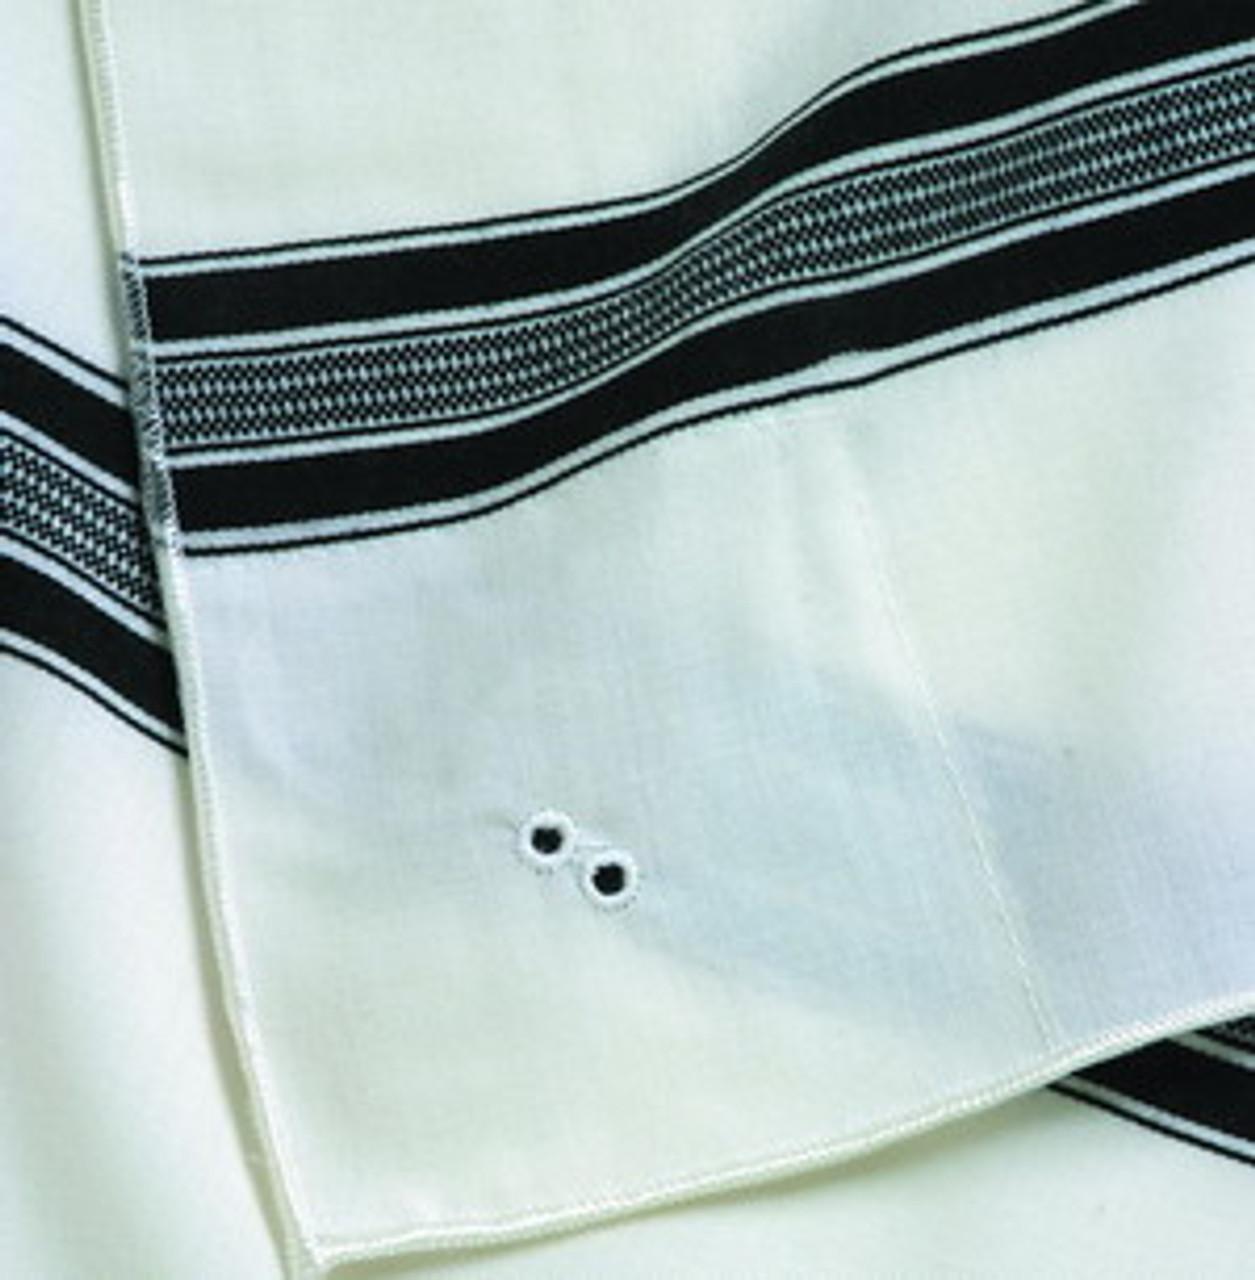 Diagonally aligned holes according to Chabad custom